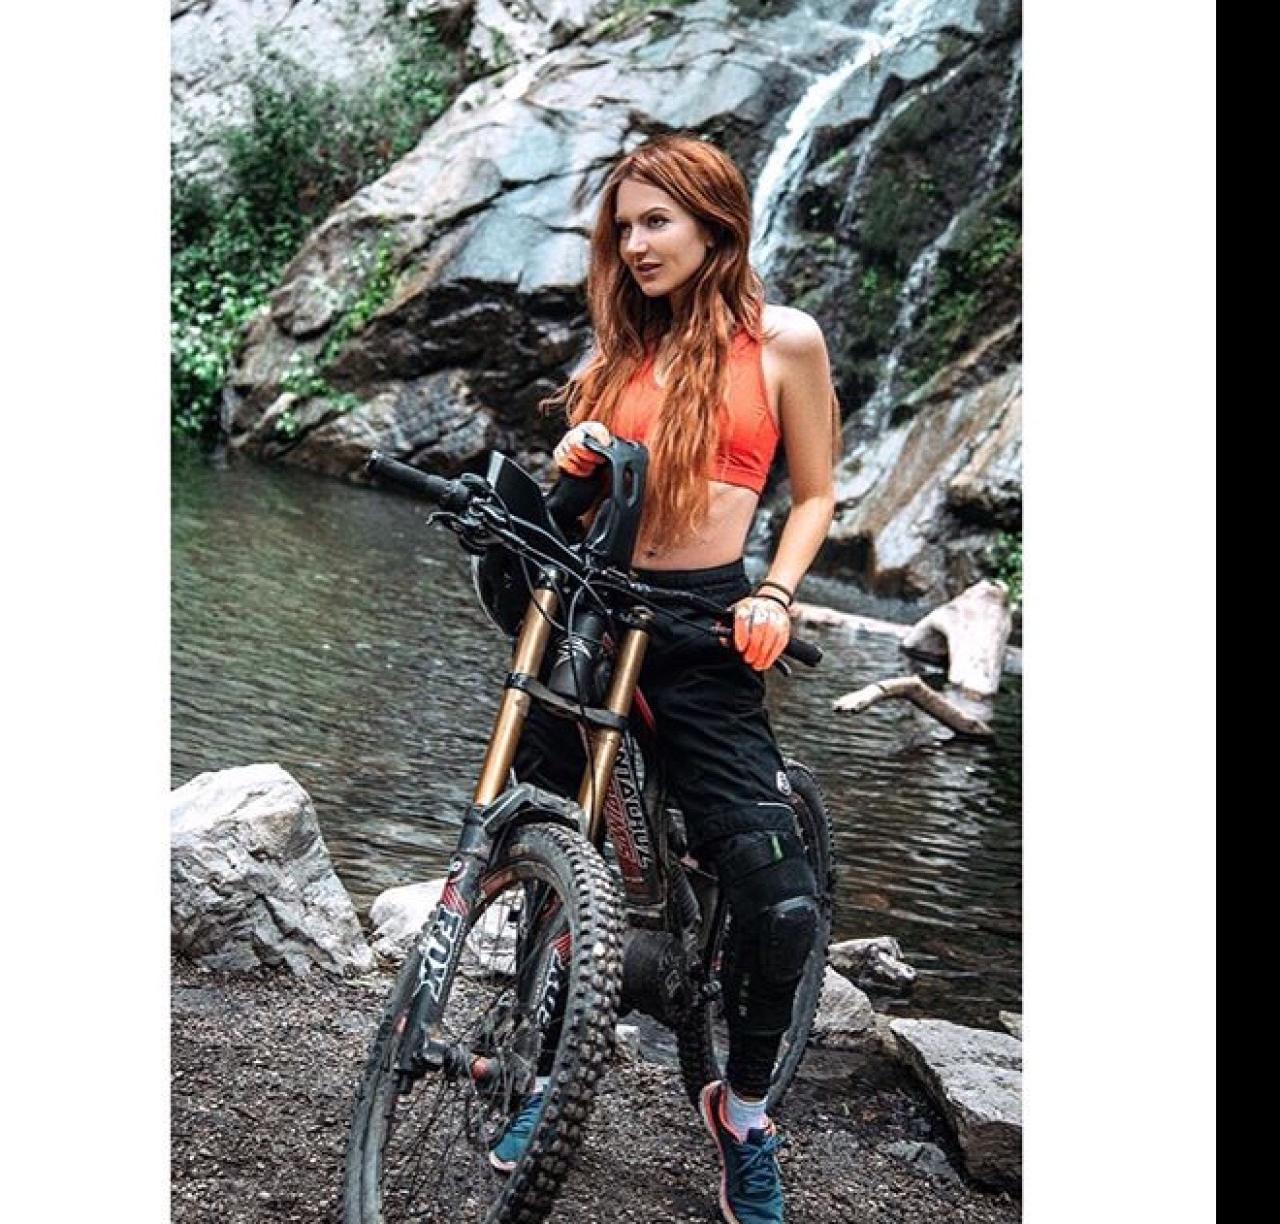 WINTER CREEK LOOP(Sierra Madre) Electric MTB - Freeride/Downhill 90 min - (Beginner)